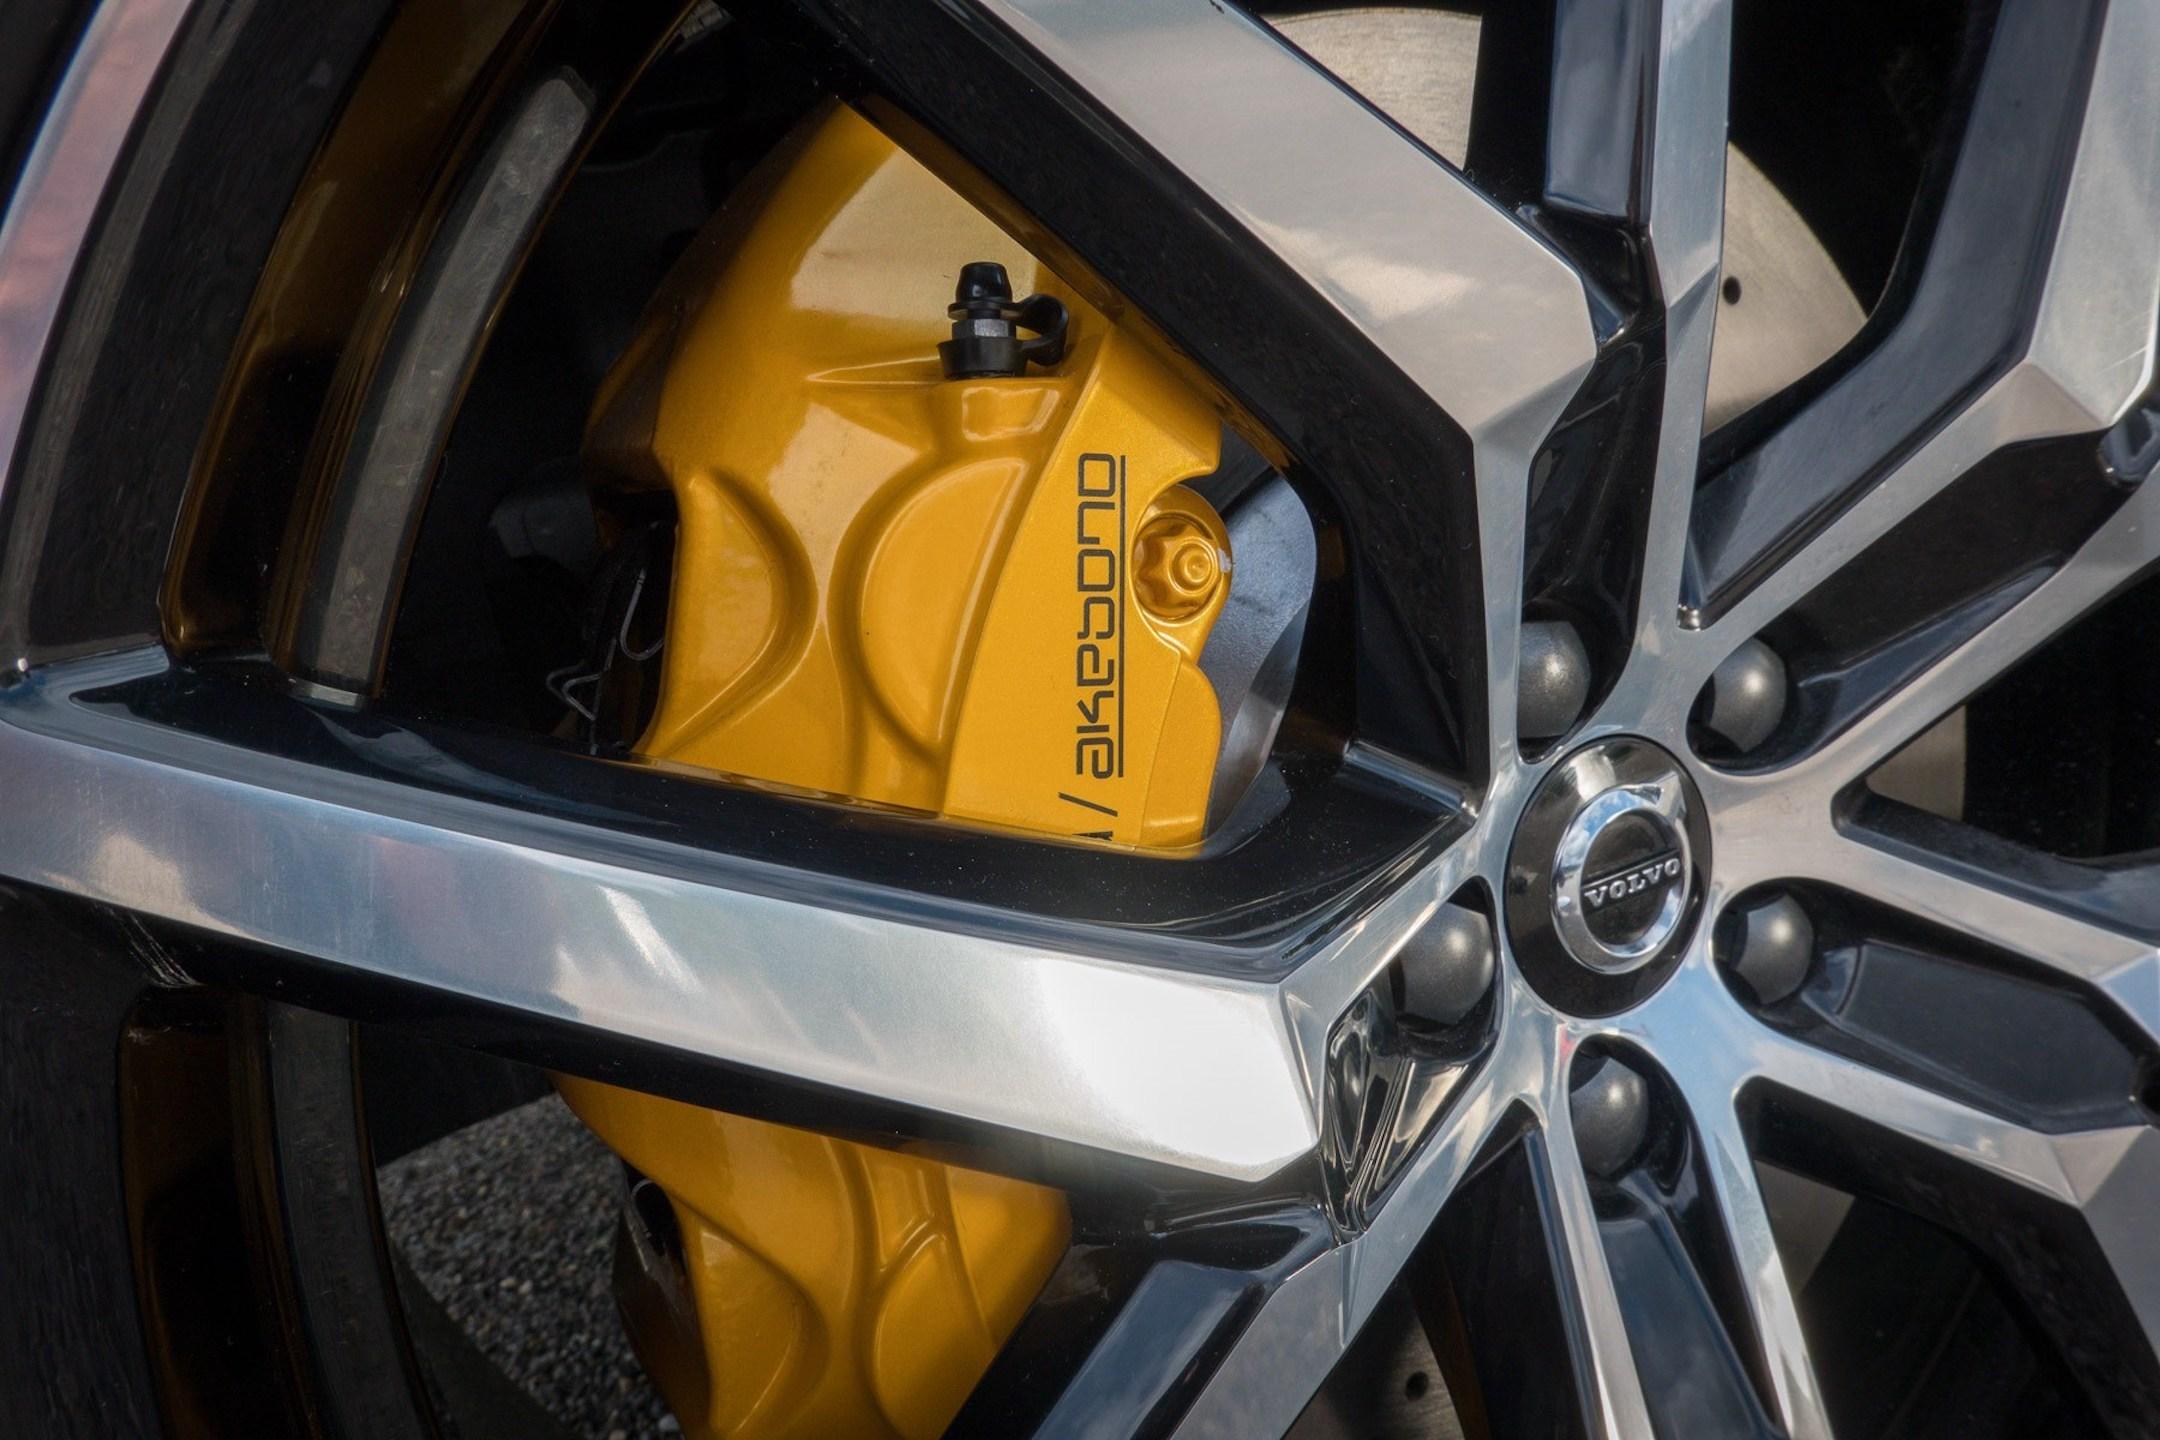 2020 Volvo XC60 Polestar - Banff